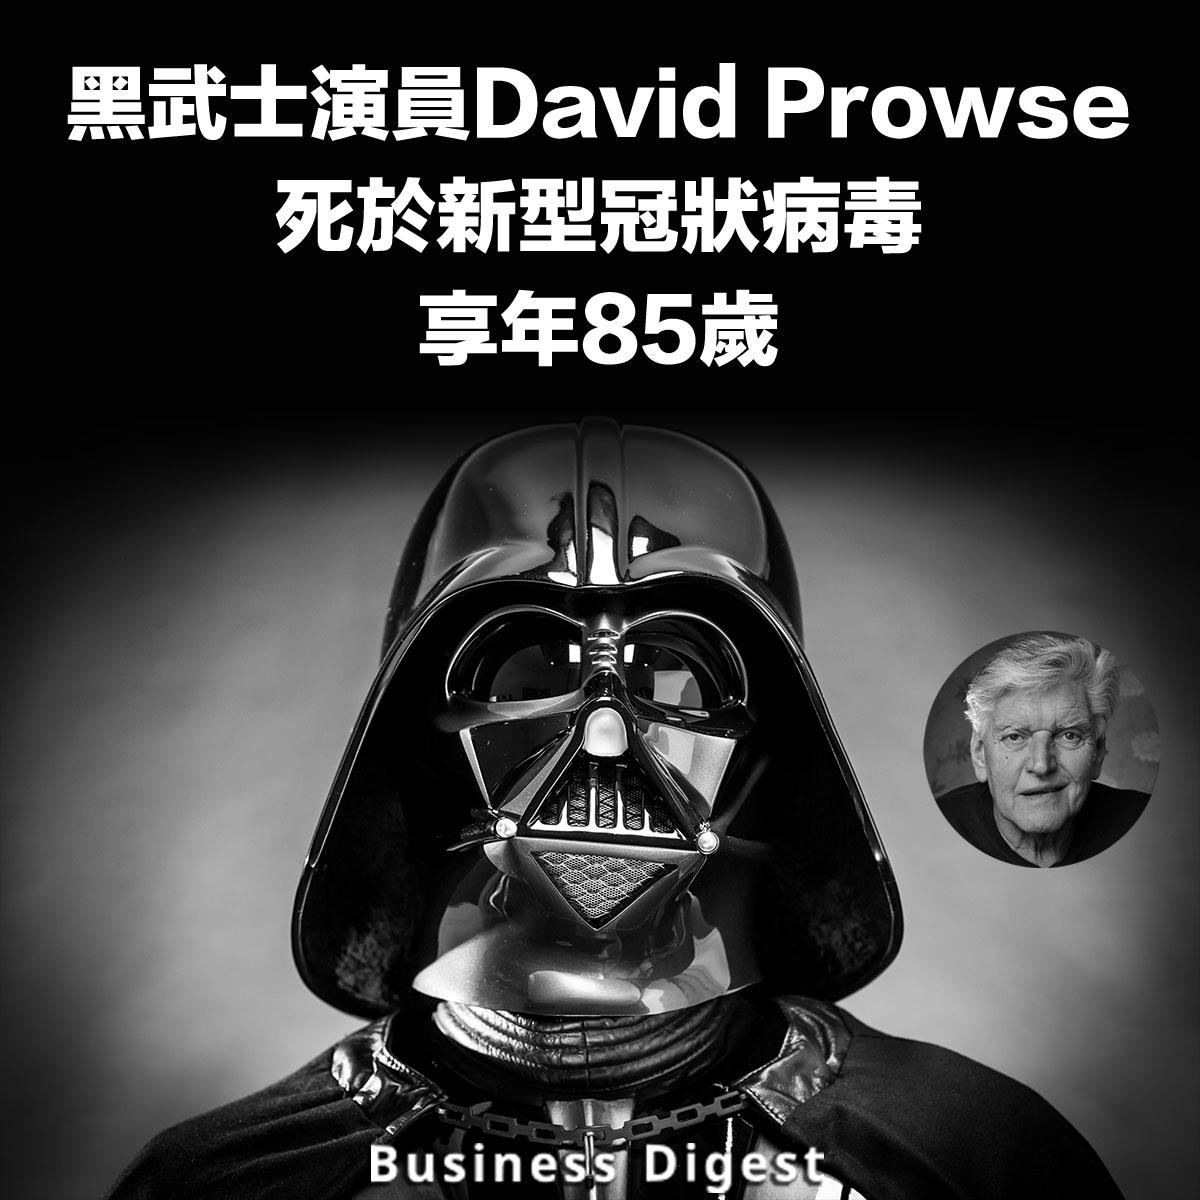 黑武士演員David Prowse死於新型冠狀病毒,享年85歲